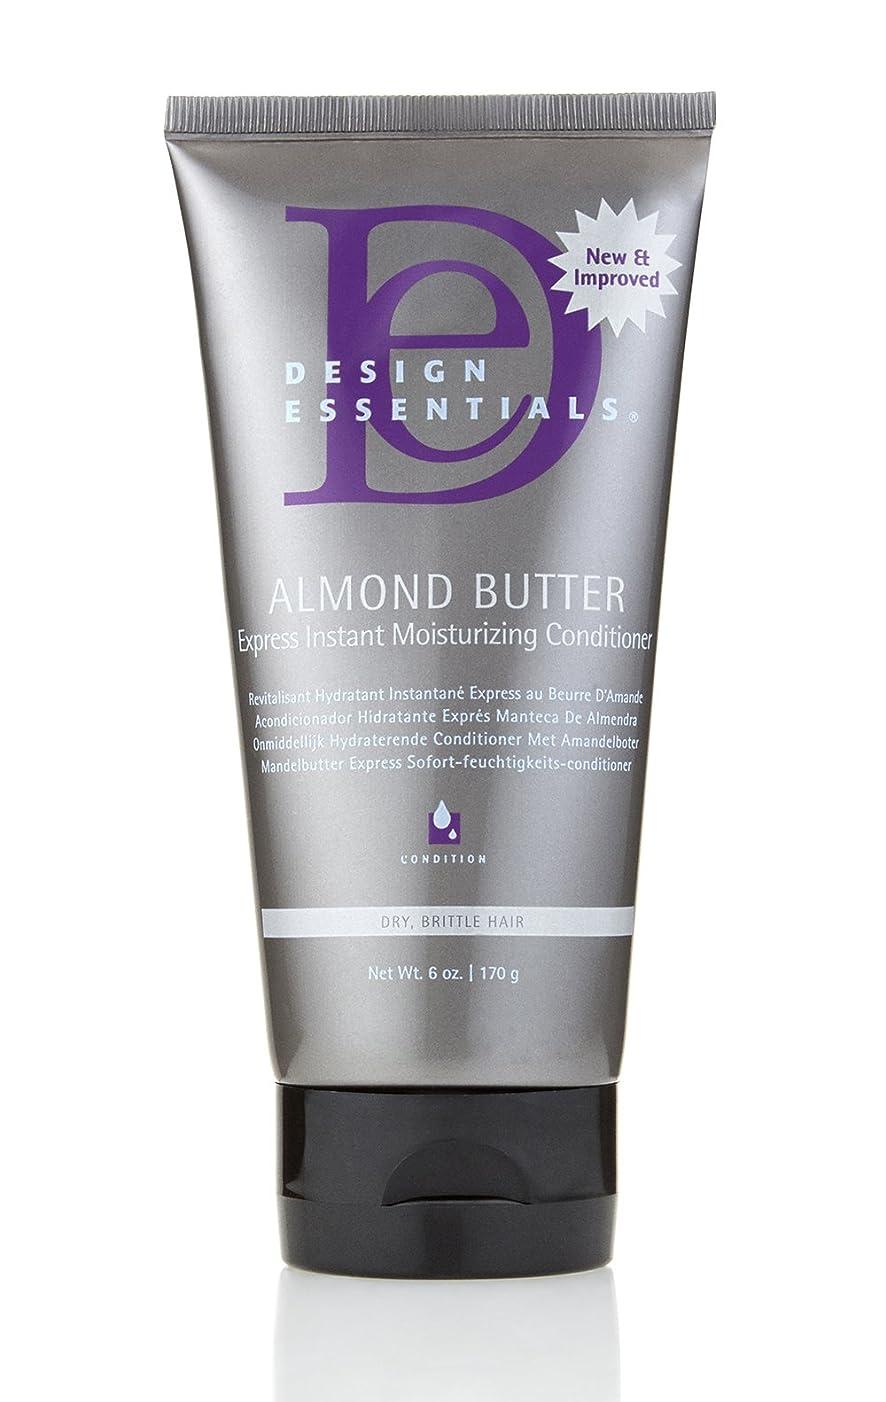 突然チェリー全滅させるDesign Essentials Almond Butter Express Instant Moisturizing Conditioner - 6oz.